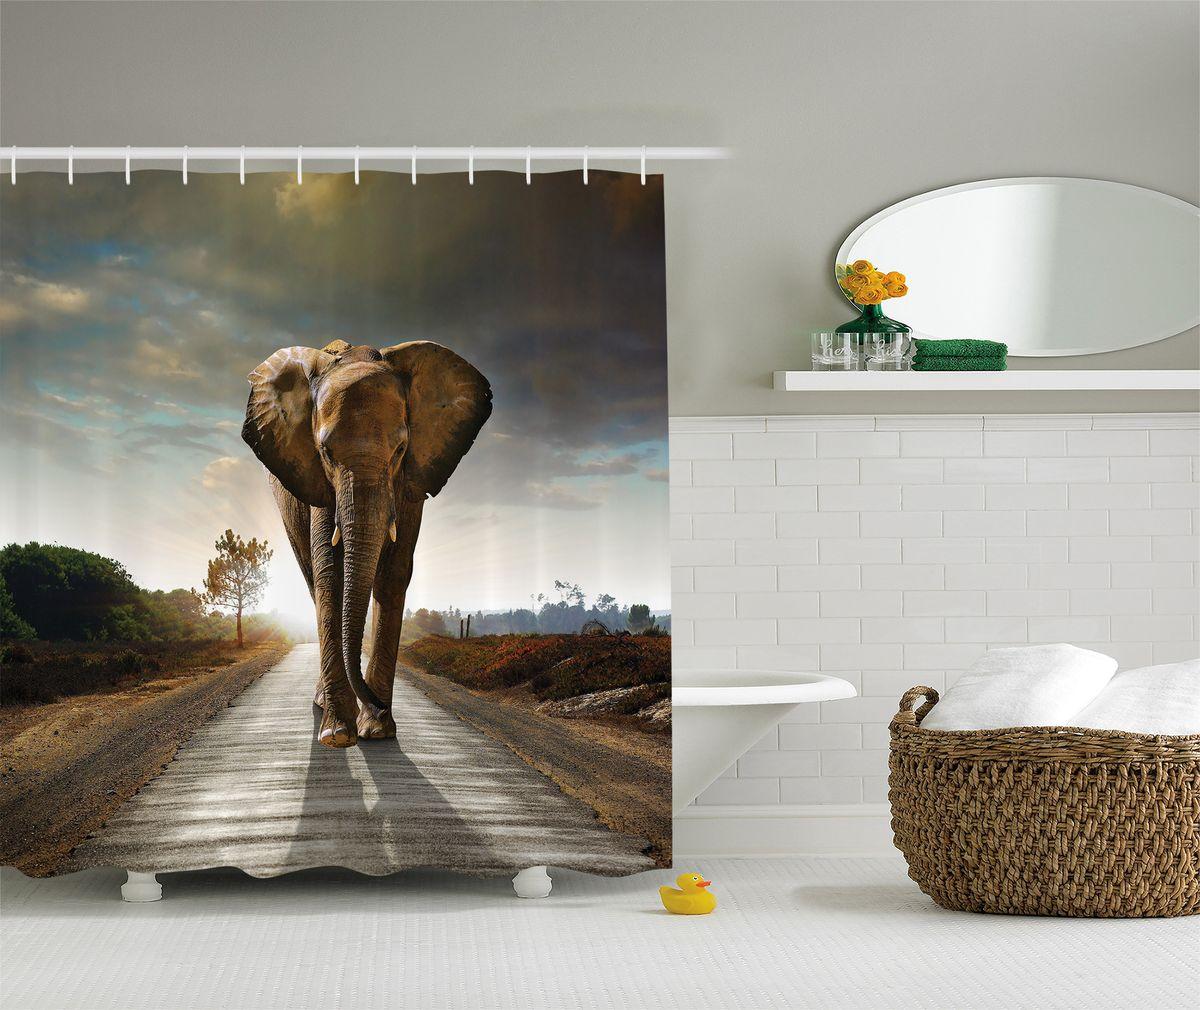 Штора для ванной комнаты Magic Lady Слон на пустынной дороге, 180 х 200 смшв_8248Штора Magic Lady Слон на пустынной дороге, изготовленная из высококачественного сатена (полиэстер 100%), отлично дополнит любой интерьер ванной комнаты. При изготовлении используются специальные гипоаллергенные чернила для прямой печати по ткани, безопасные для человека. В комплекте: 1 штора, 12 крючков. Обращаем ваше внимание, фактический цвет изделия может незначительно отличаться от представленного на фото.